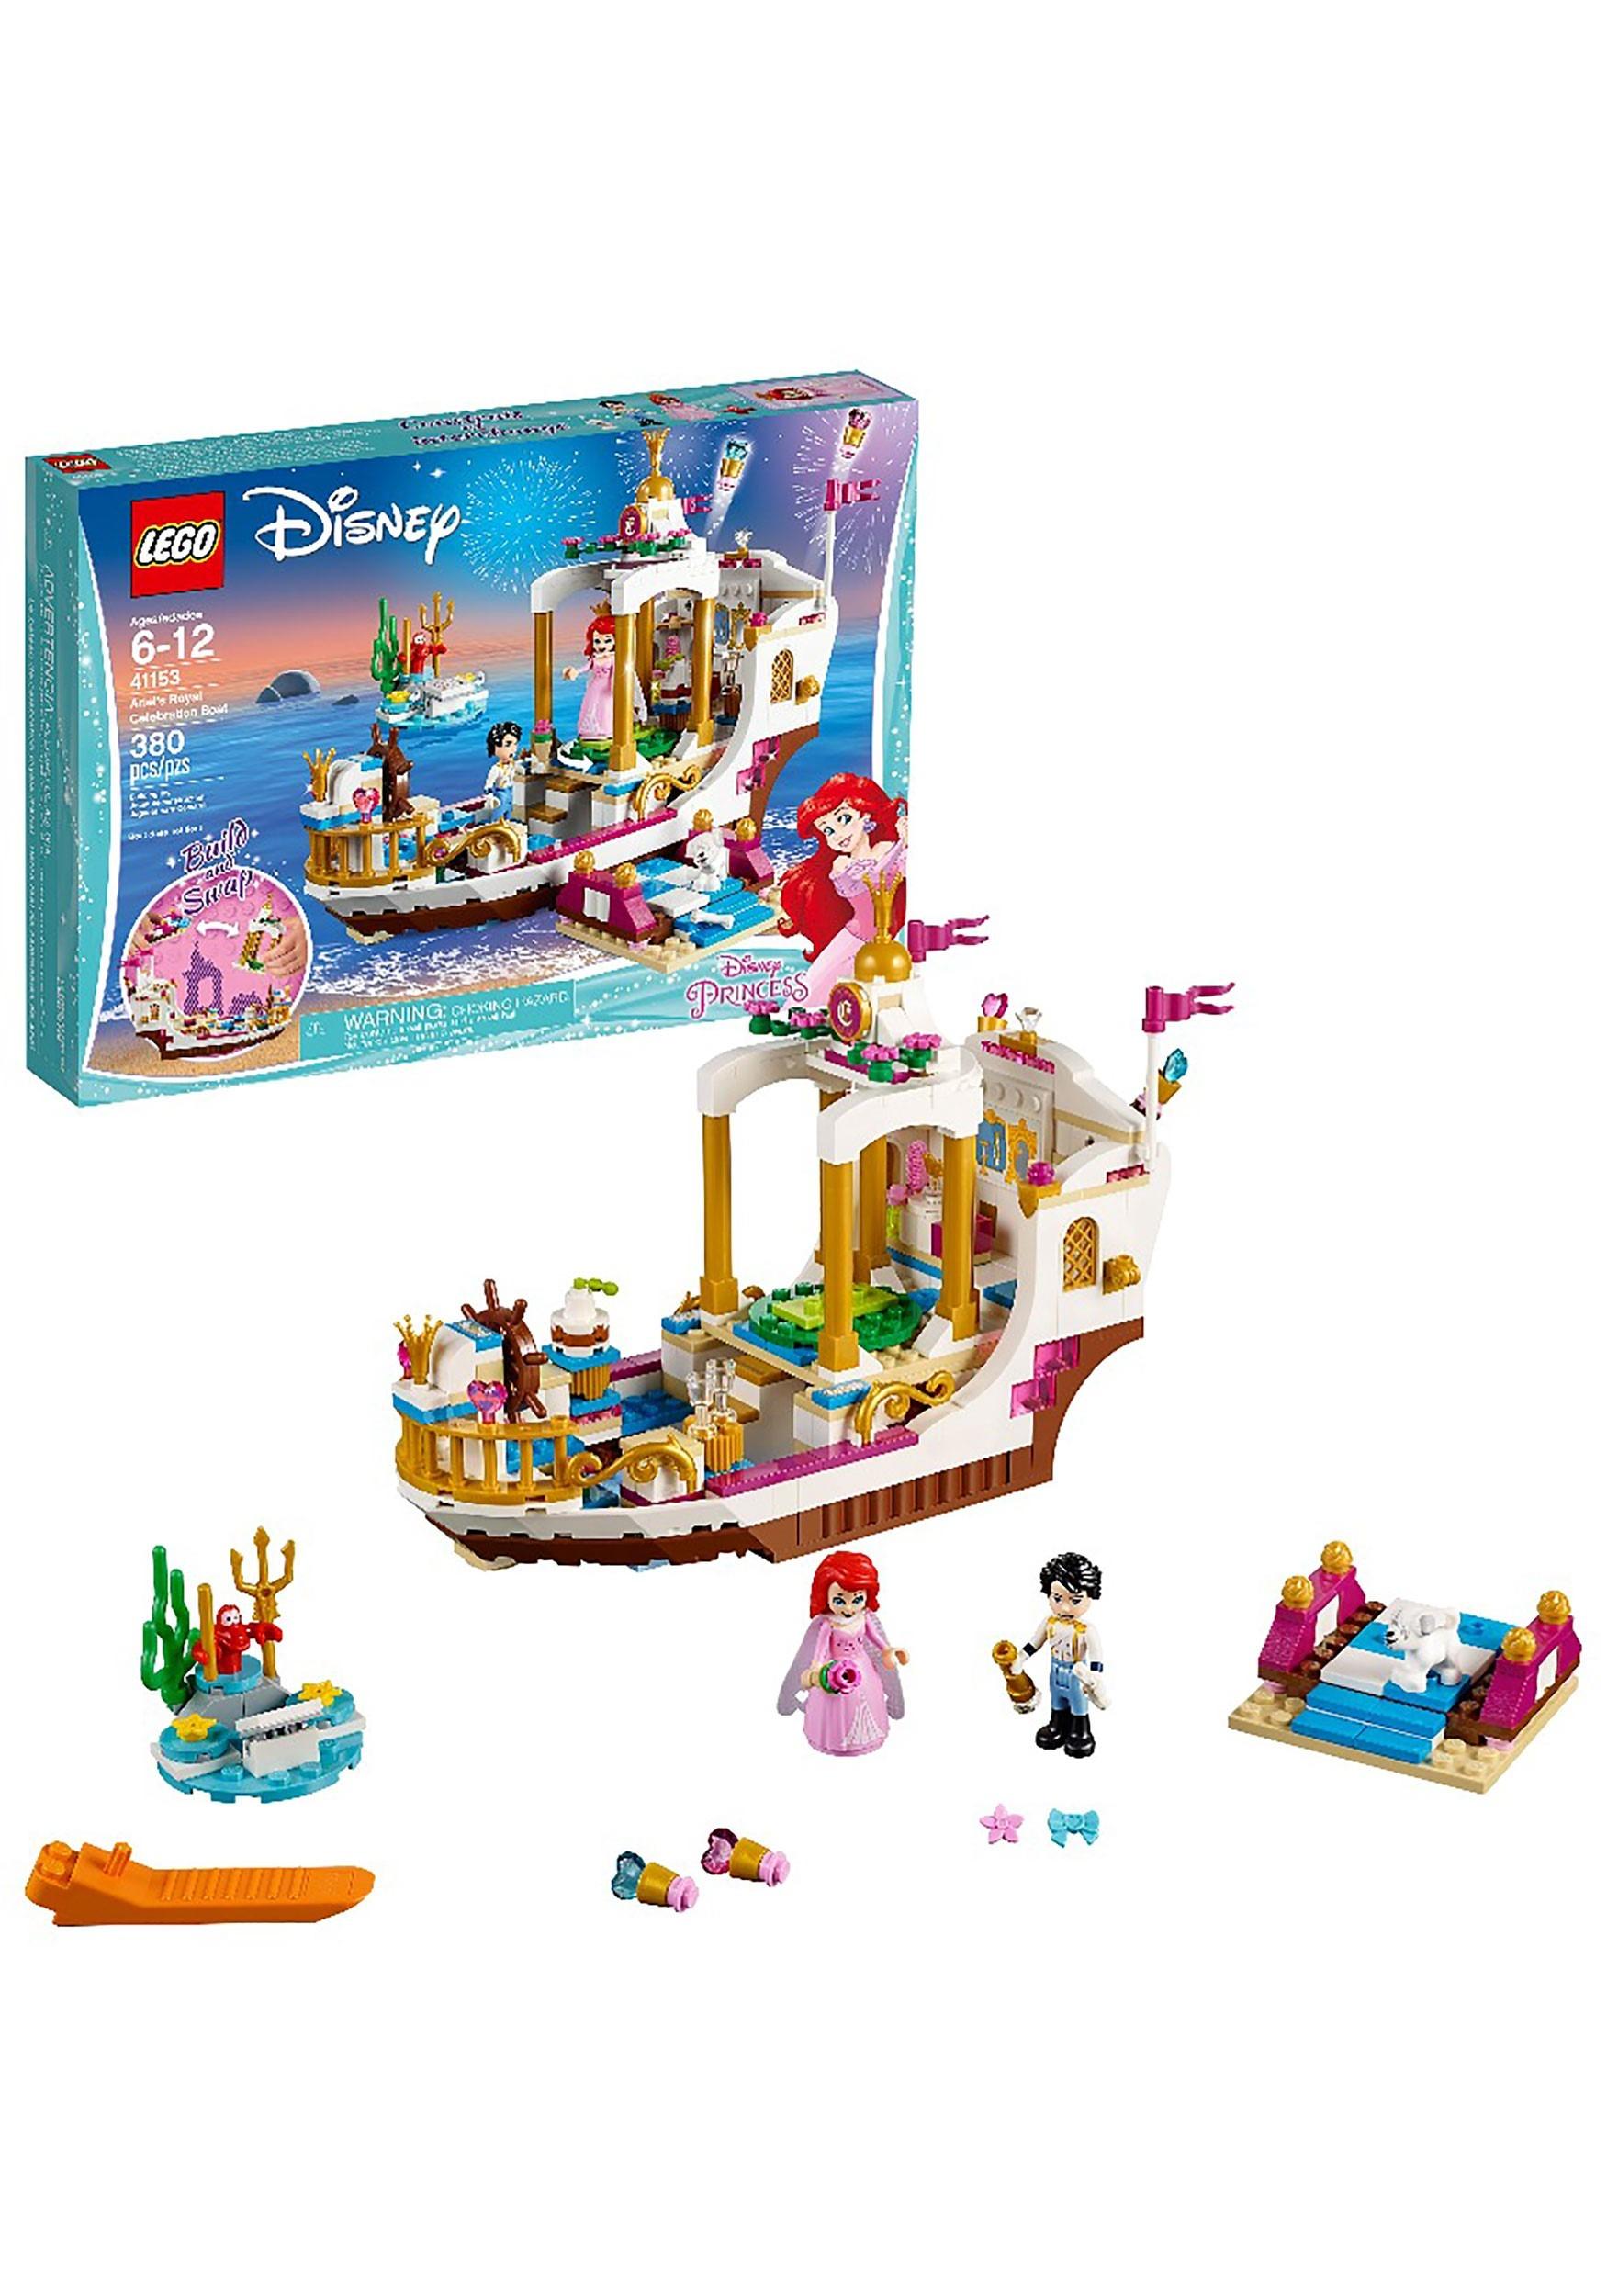 LEGO Disney Princess Ariel's Royal Celebration Boat 380pc Set